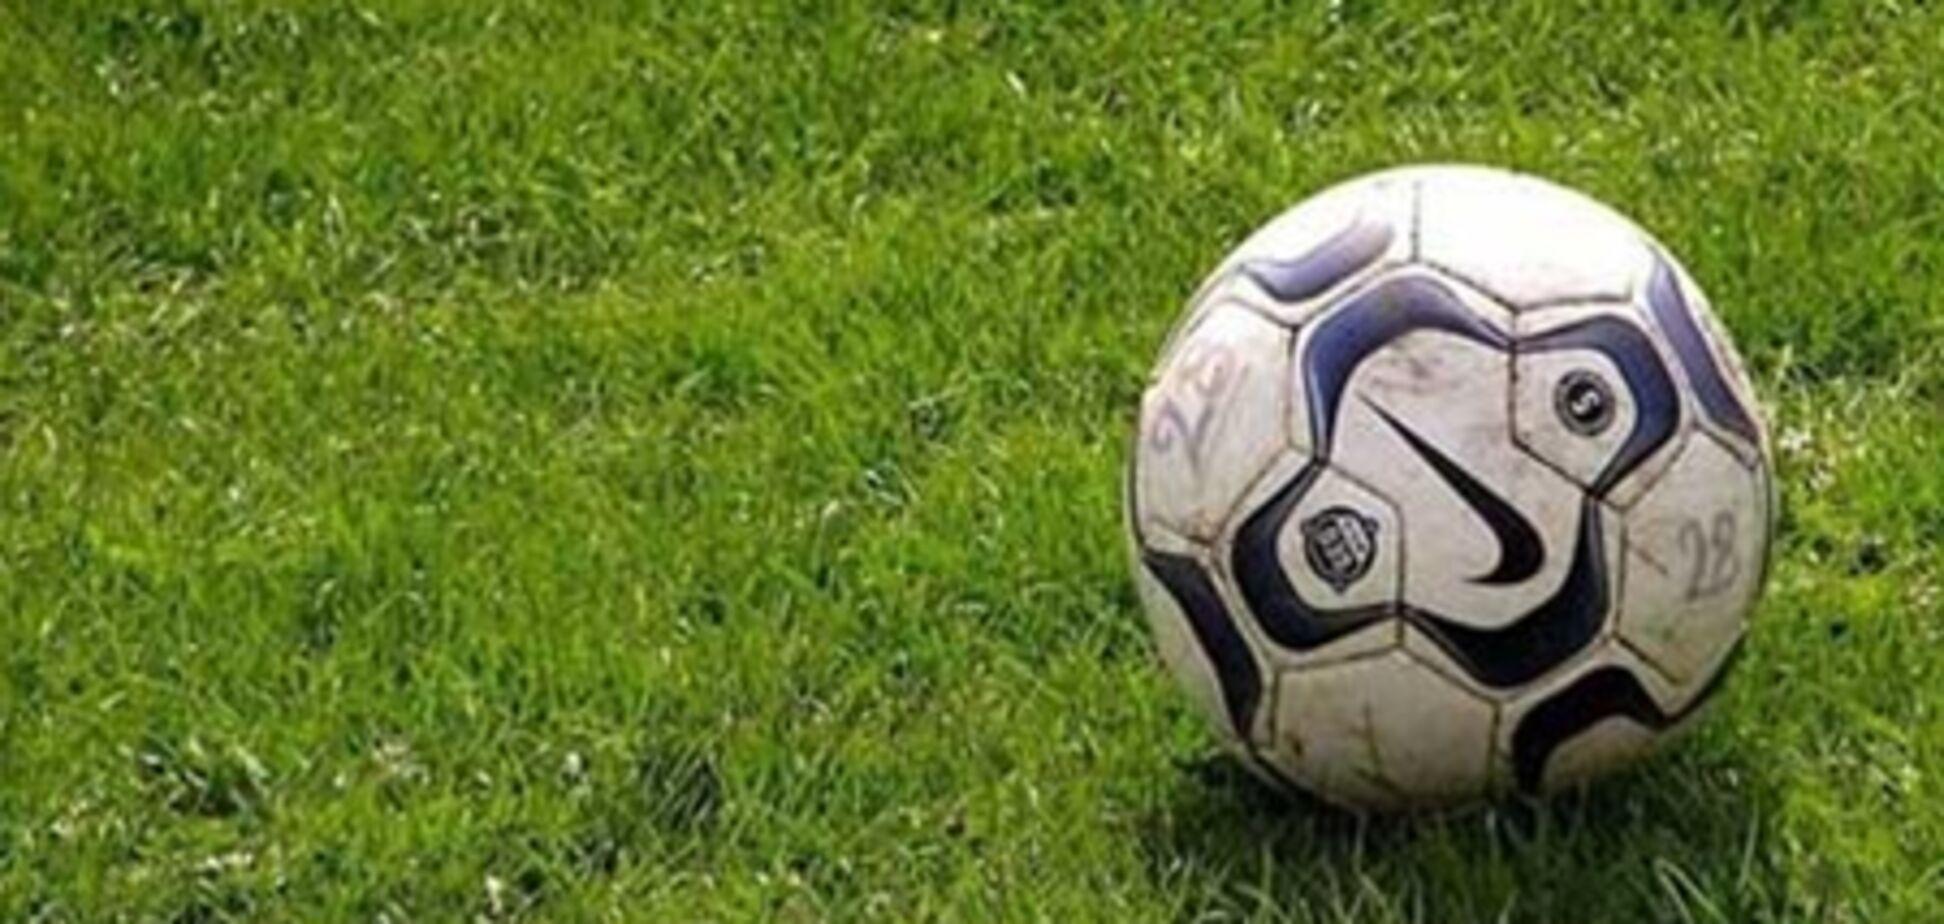 Футбольные суеверия: не смотреть на вратаря и бить мяч ниппелем вперед